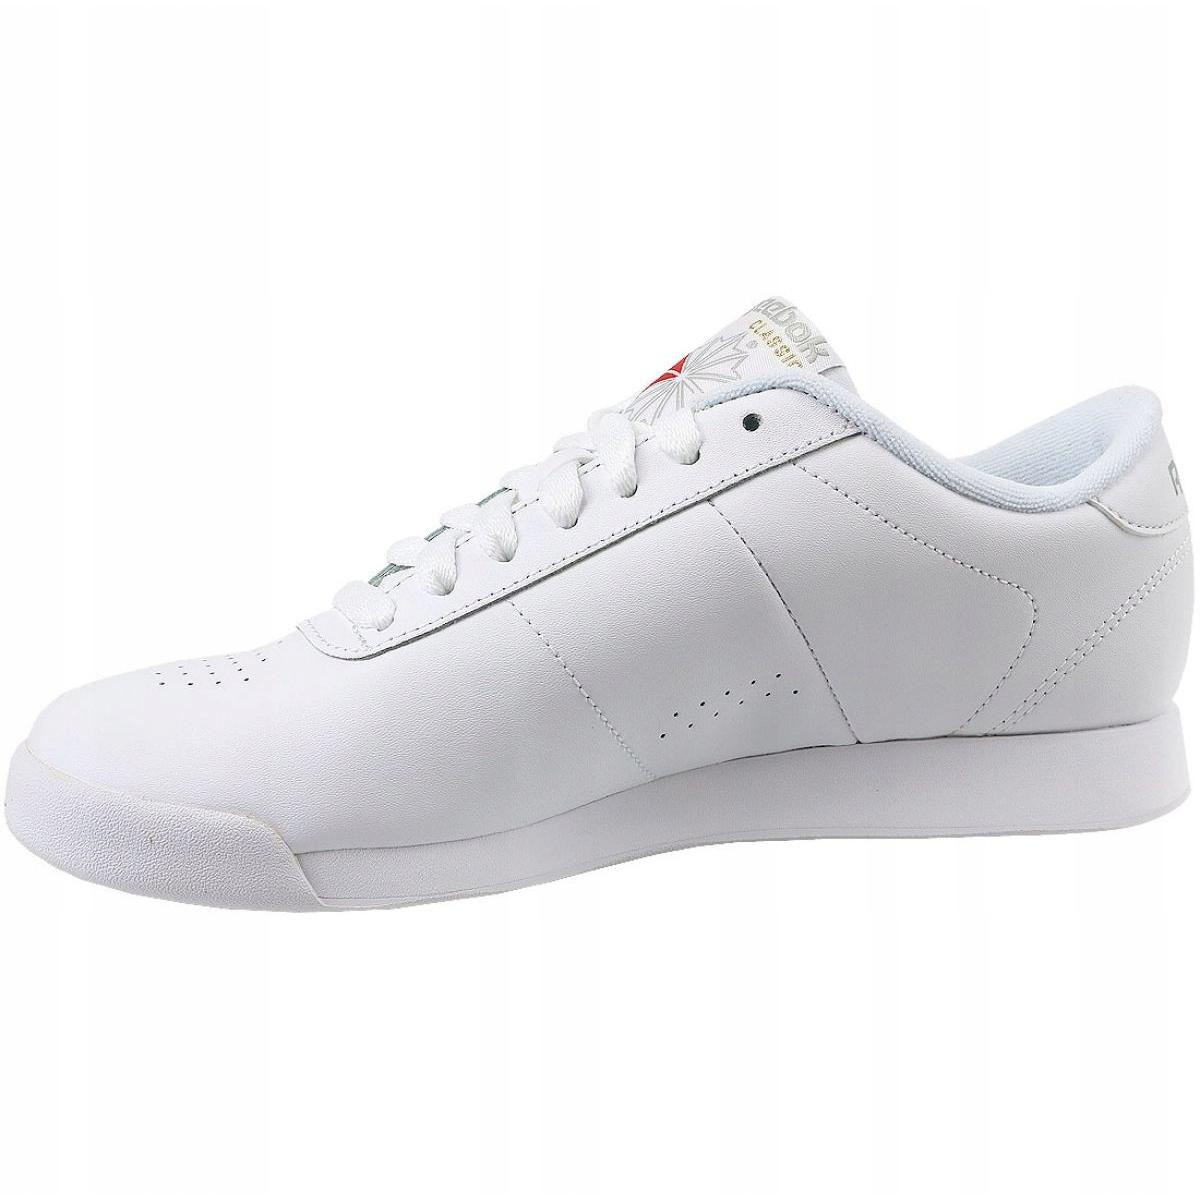 Białe obuwie sportowe damskie ze sklepu Butymodne.pl, Reebok